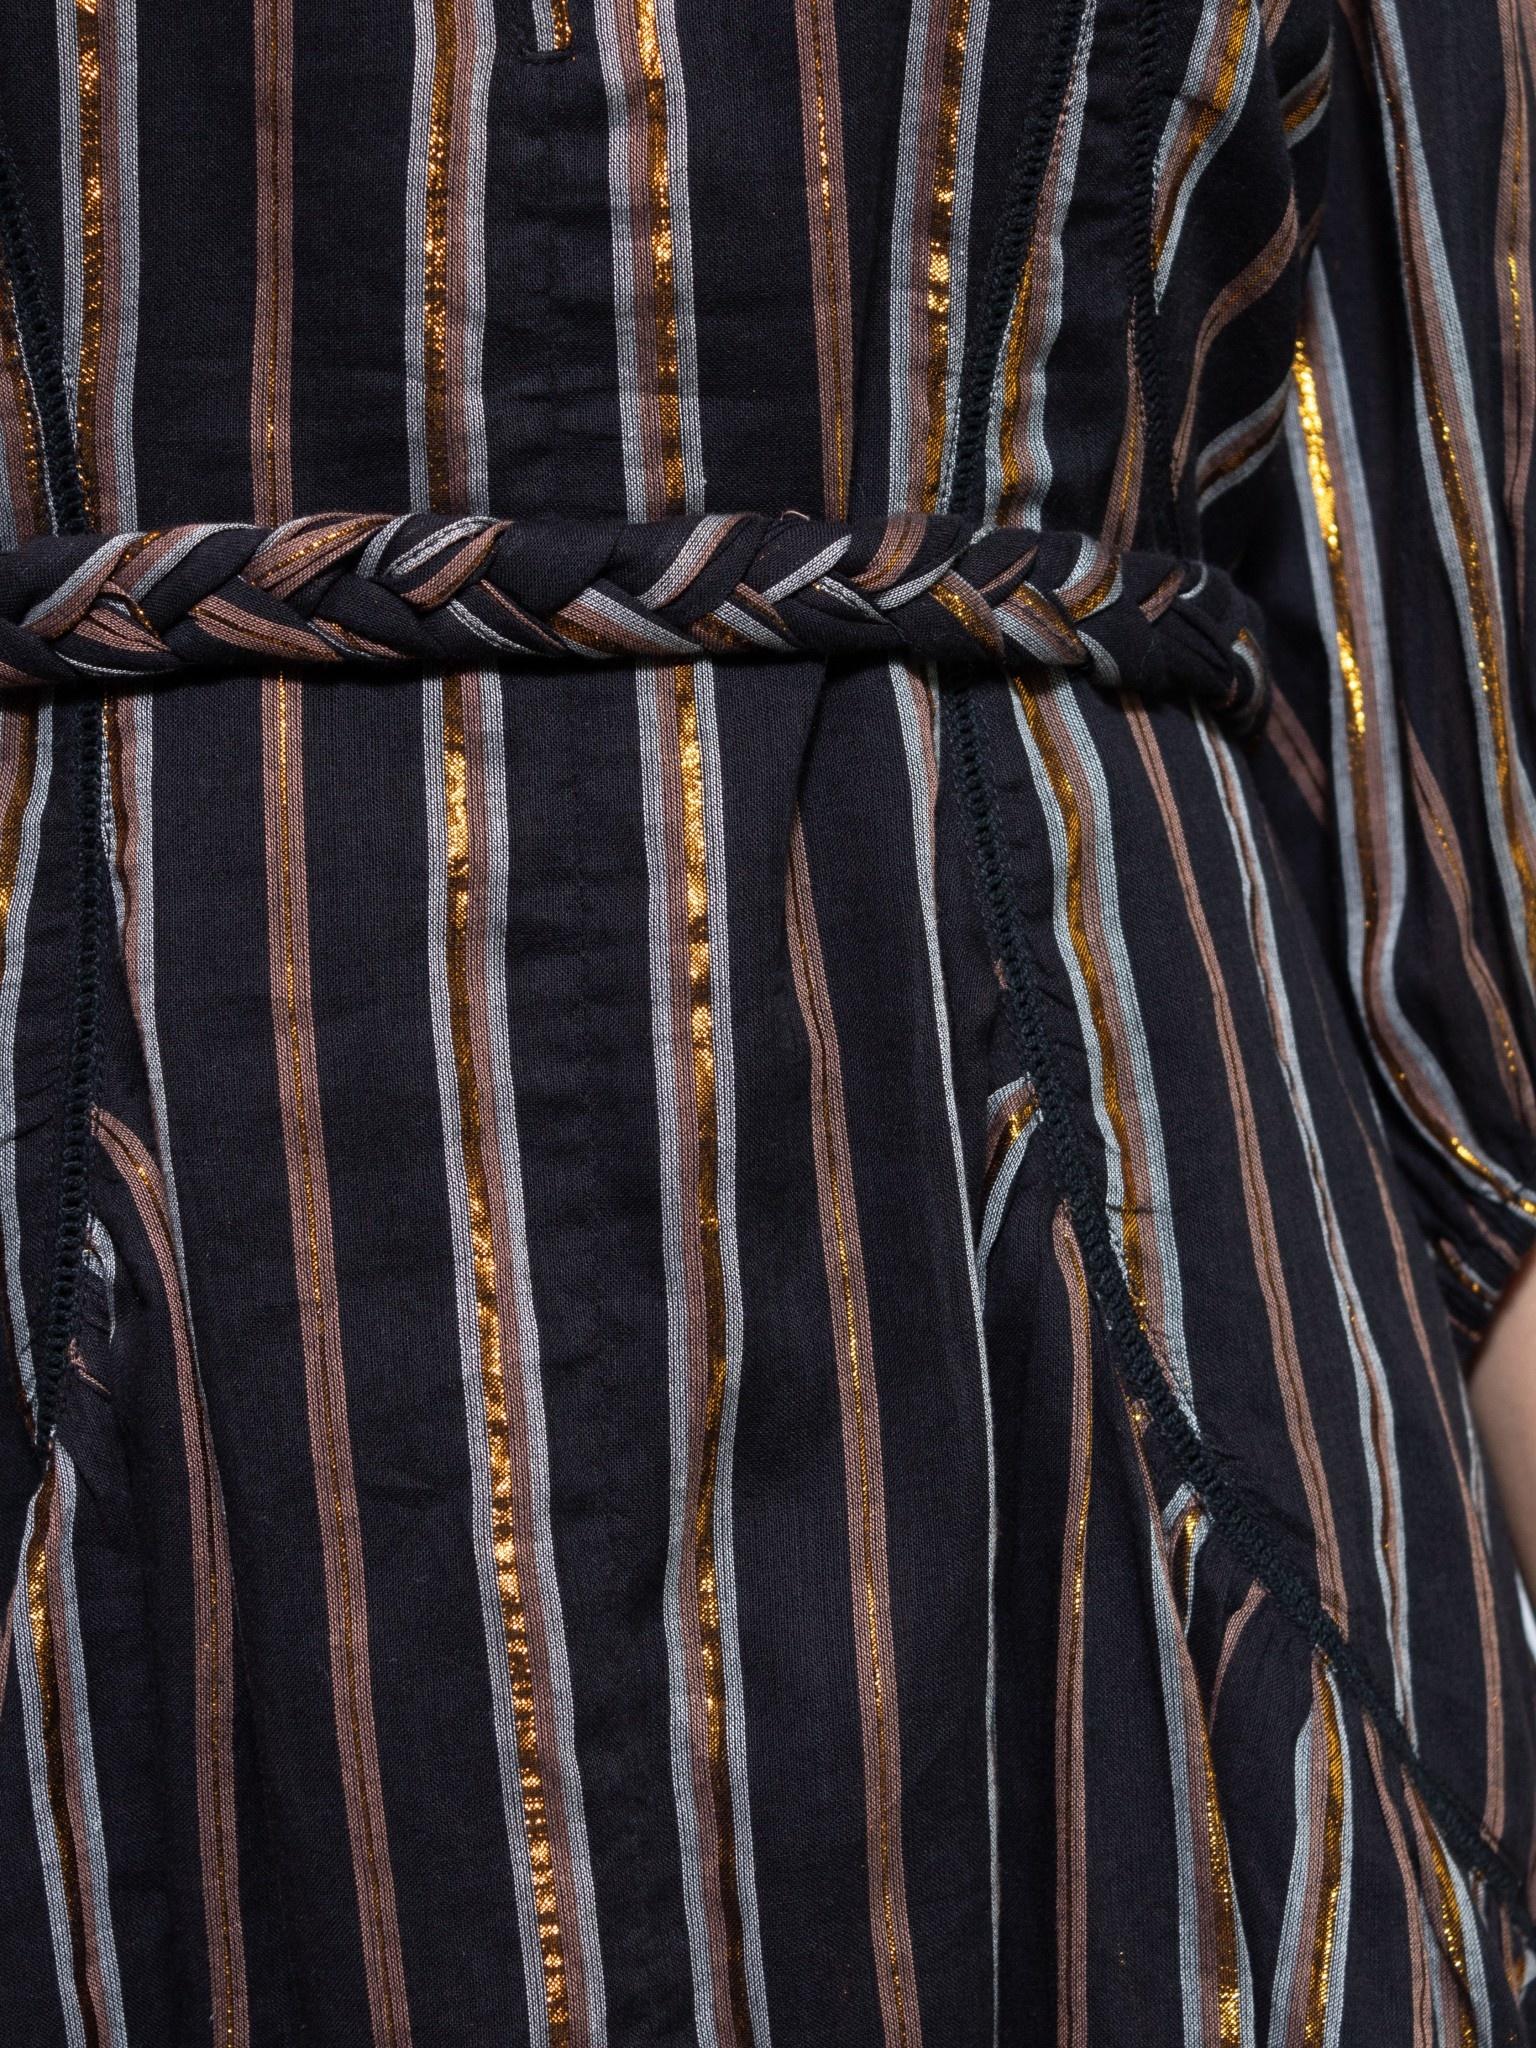 d07077d397a Apiece Apart - Rafaela Mini Dress Black - Women s Clothing Boutique ...